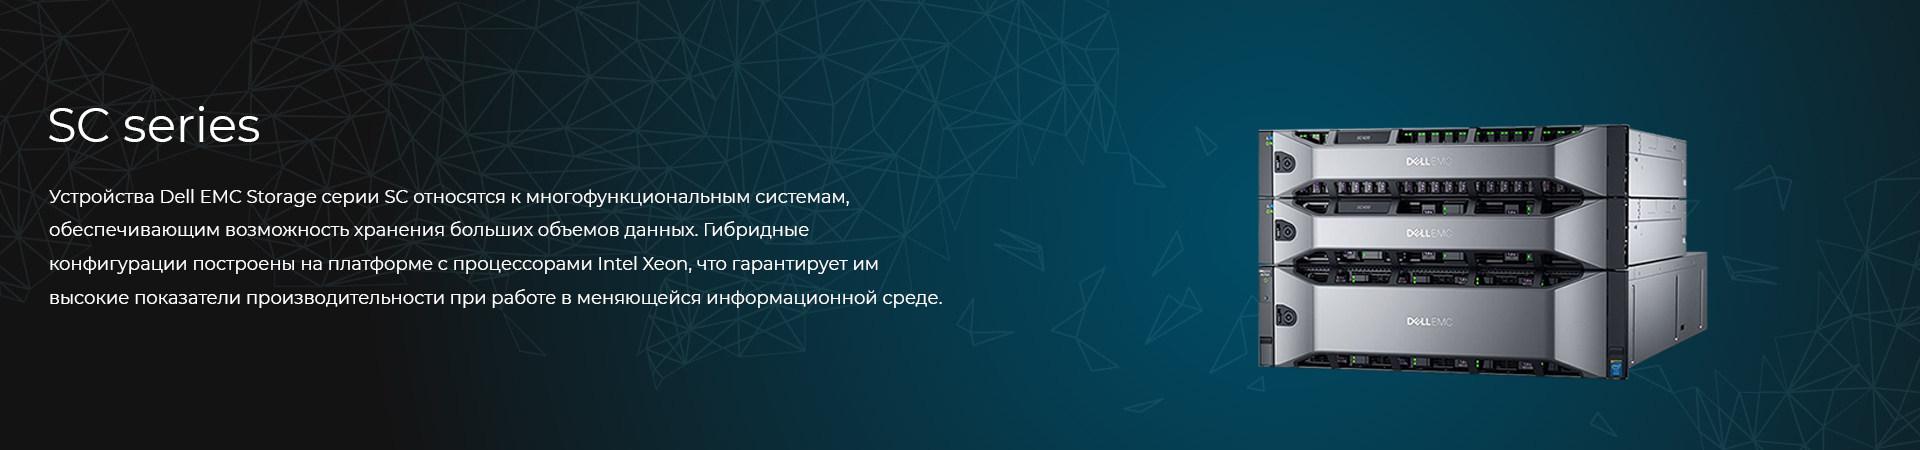 Гибридные-системы-хранения—DELL-SC